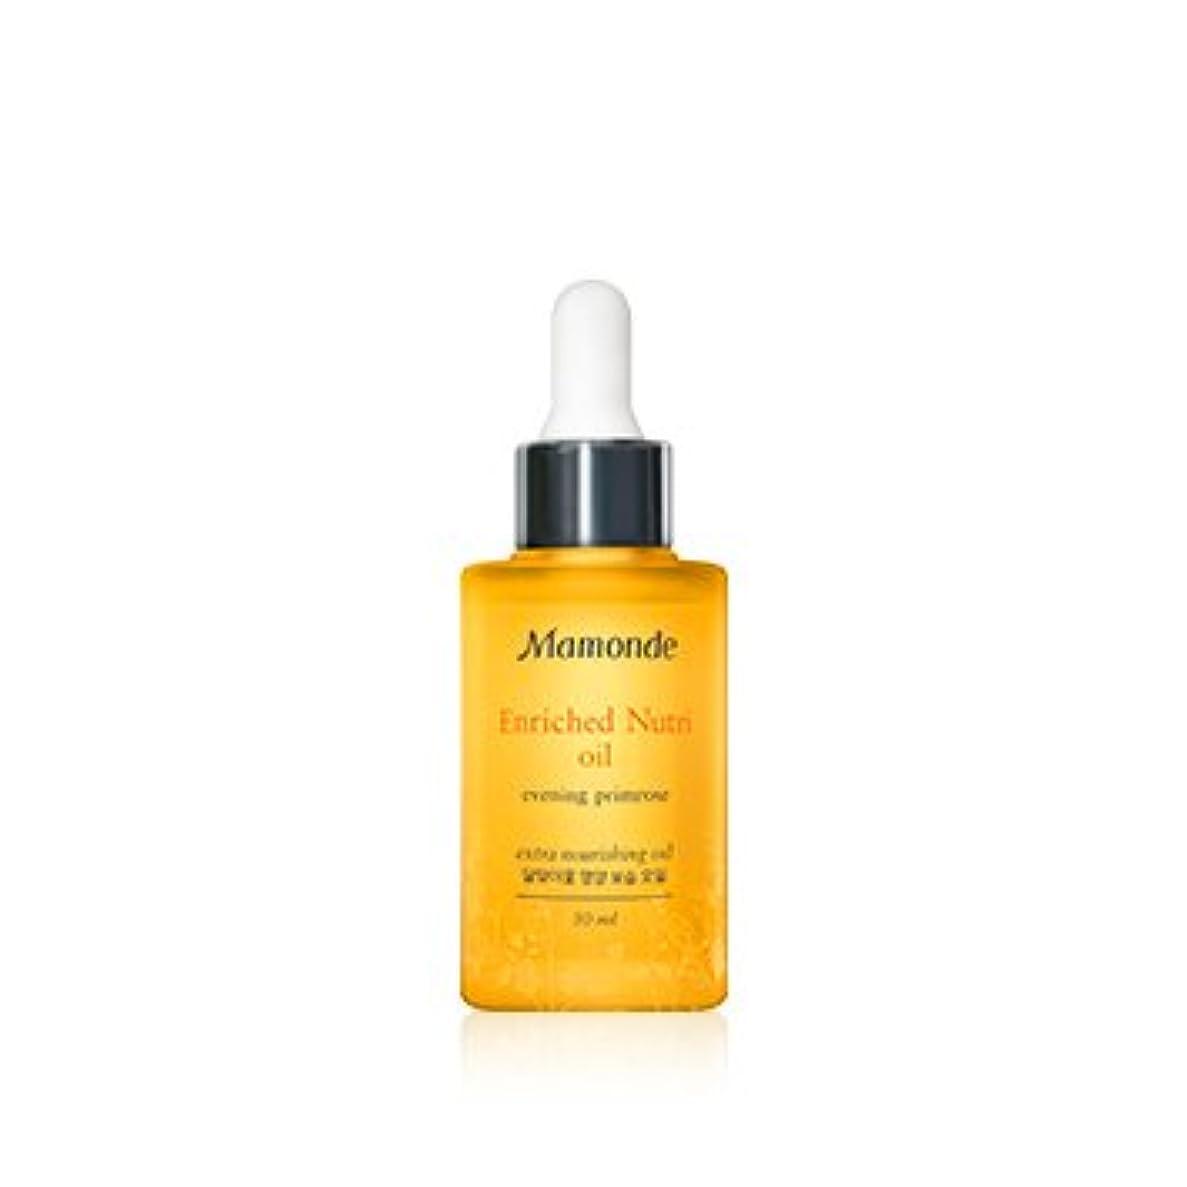 代表団ジャベスウィルソン万歳[New] Mamonde Enriched Nutri Oil 30ml/マモンド エンリッチド ニュートリ オイル 30ml [並行輸入品]